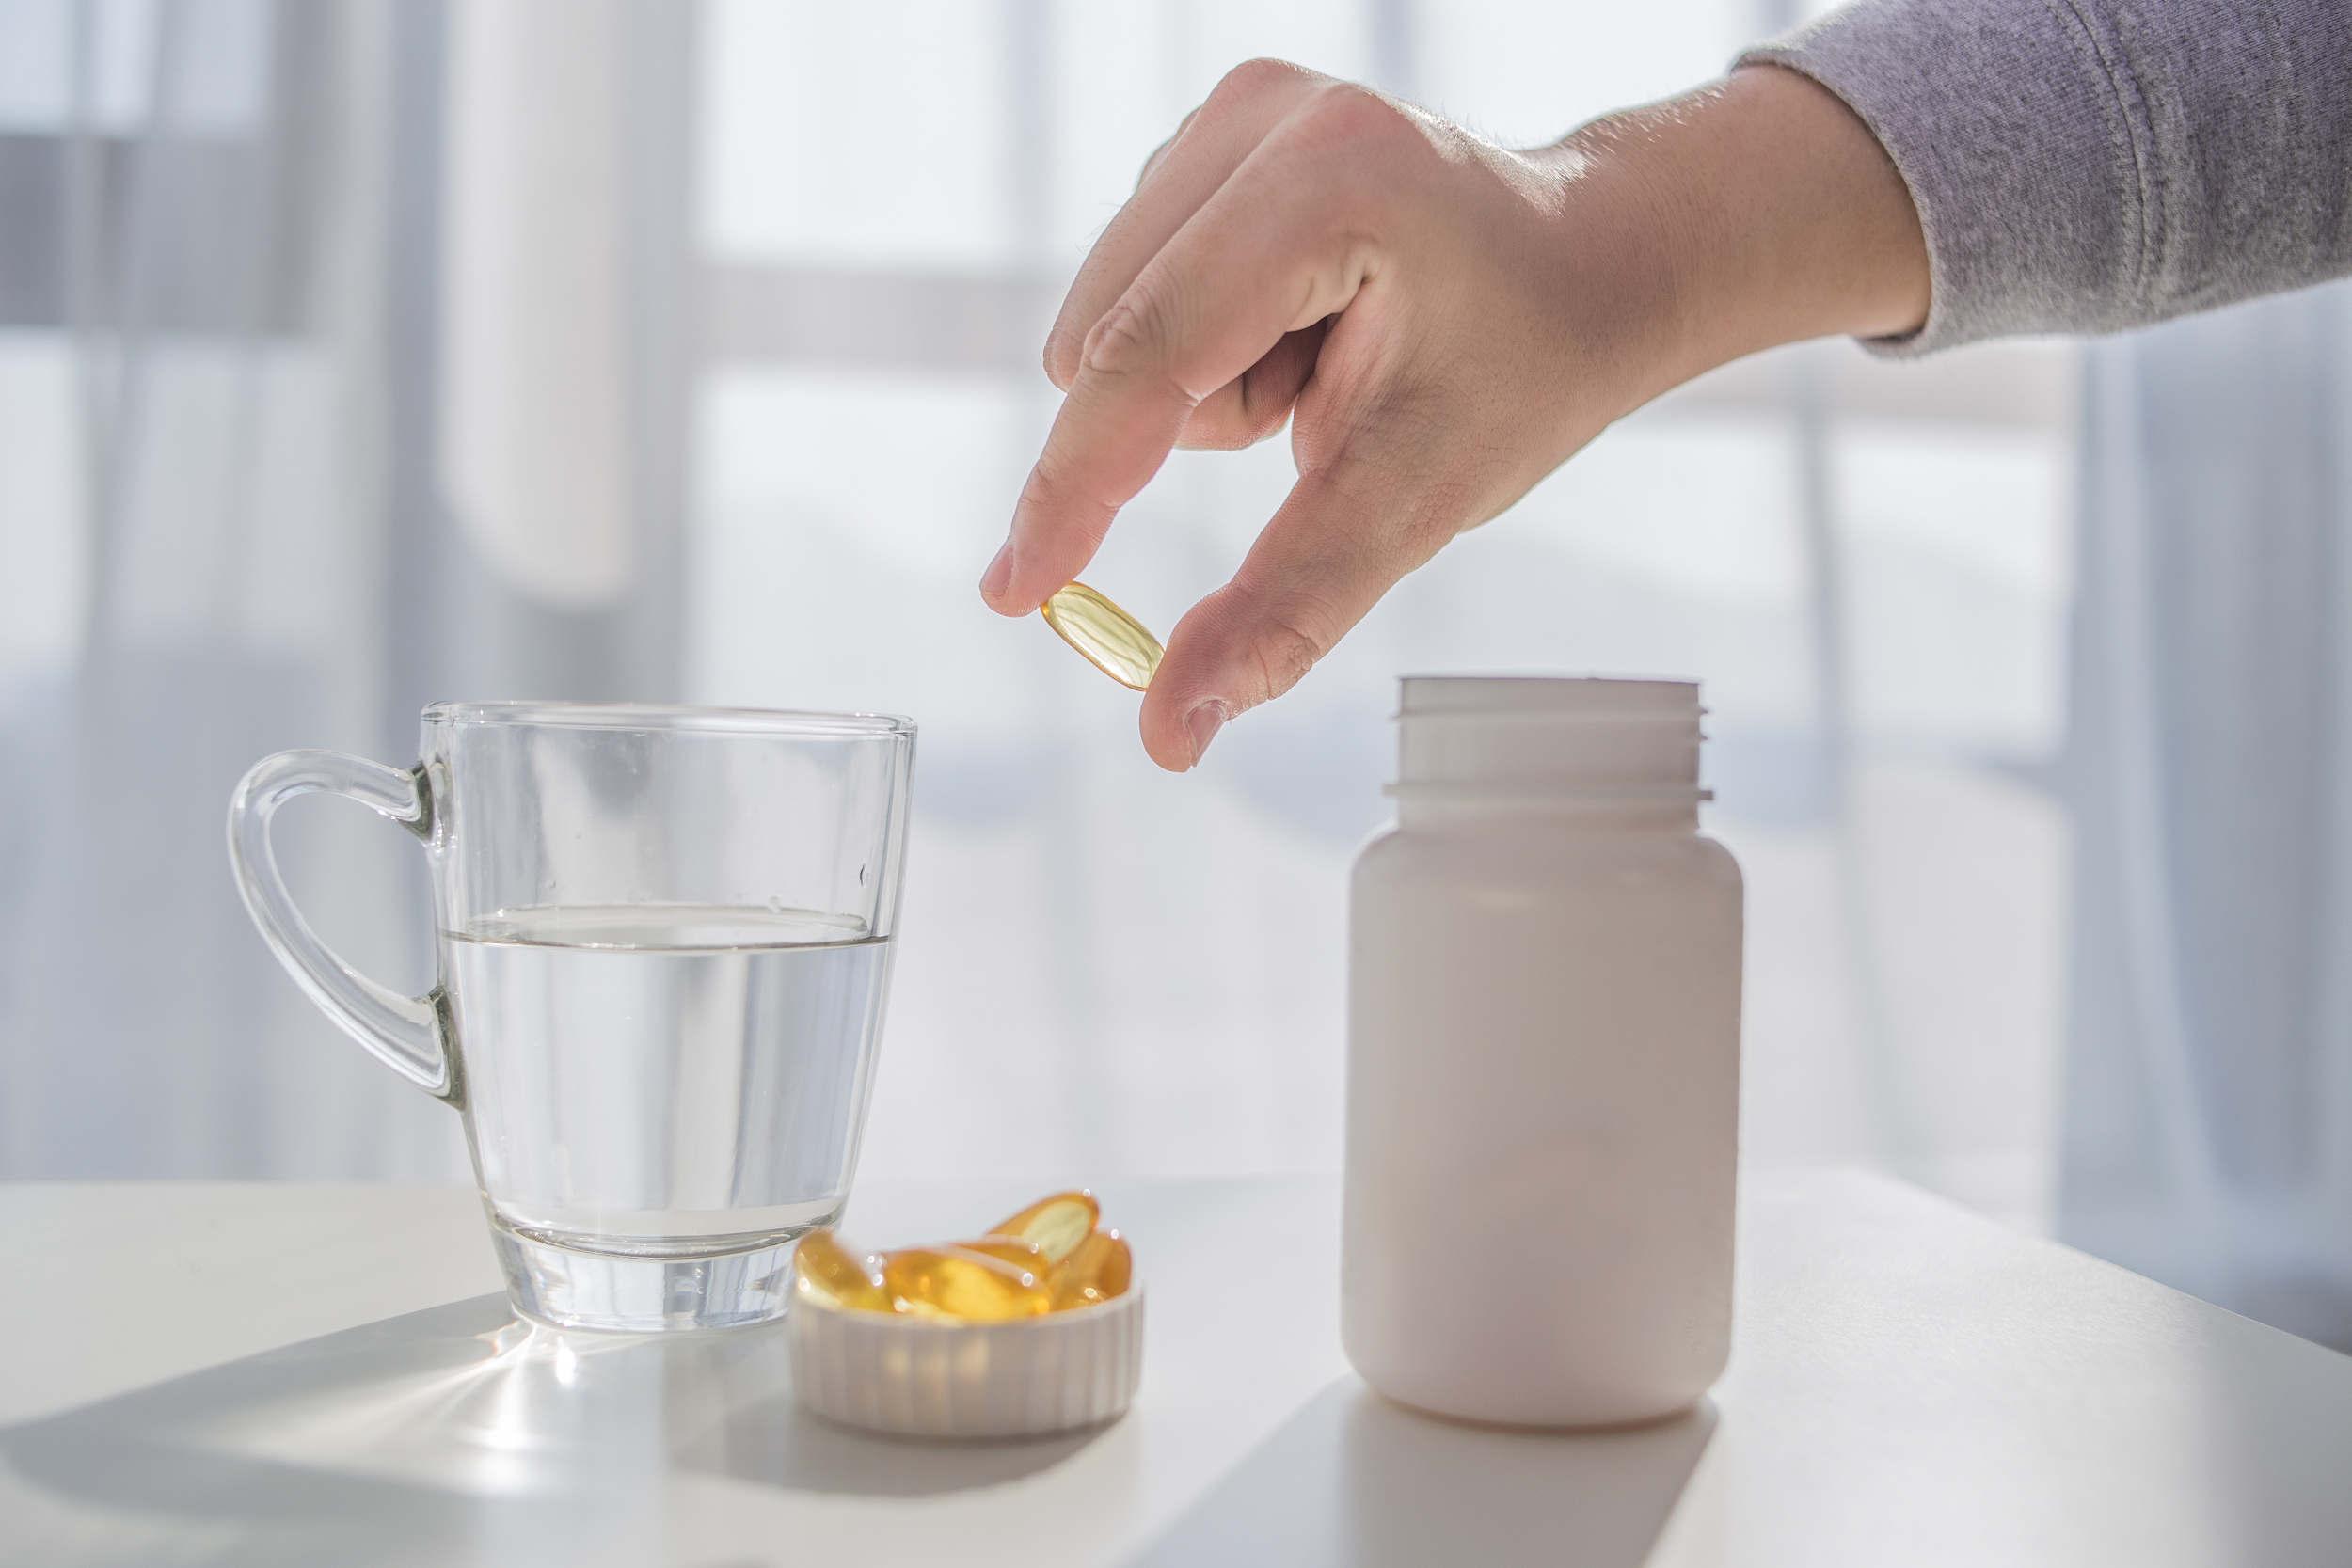 生病是免疫力低?煲湯可大補?這些免疫力認知誤區你中了幾條?